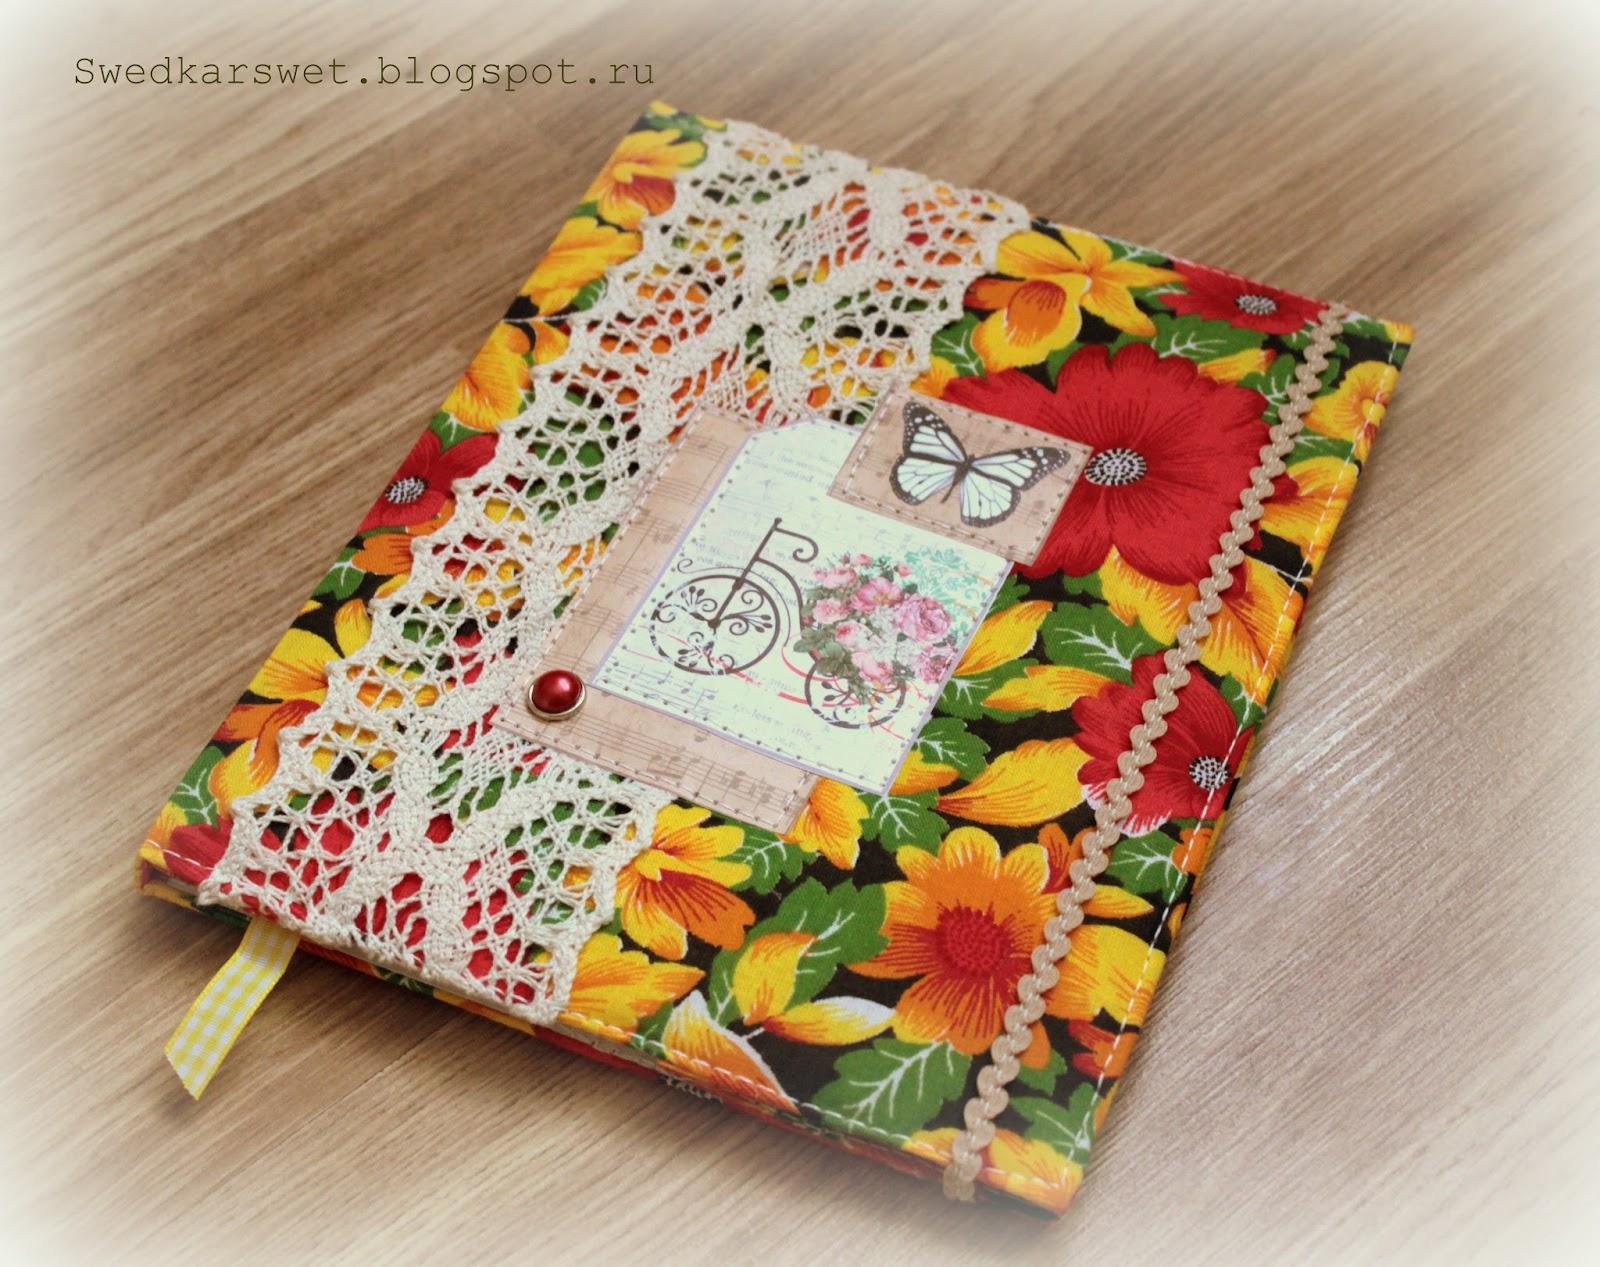 Как сделать обложку для дневника своими руками фото 476